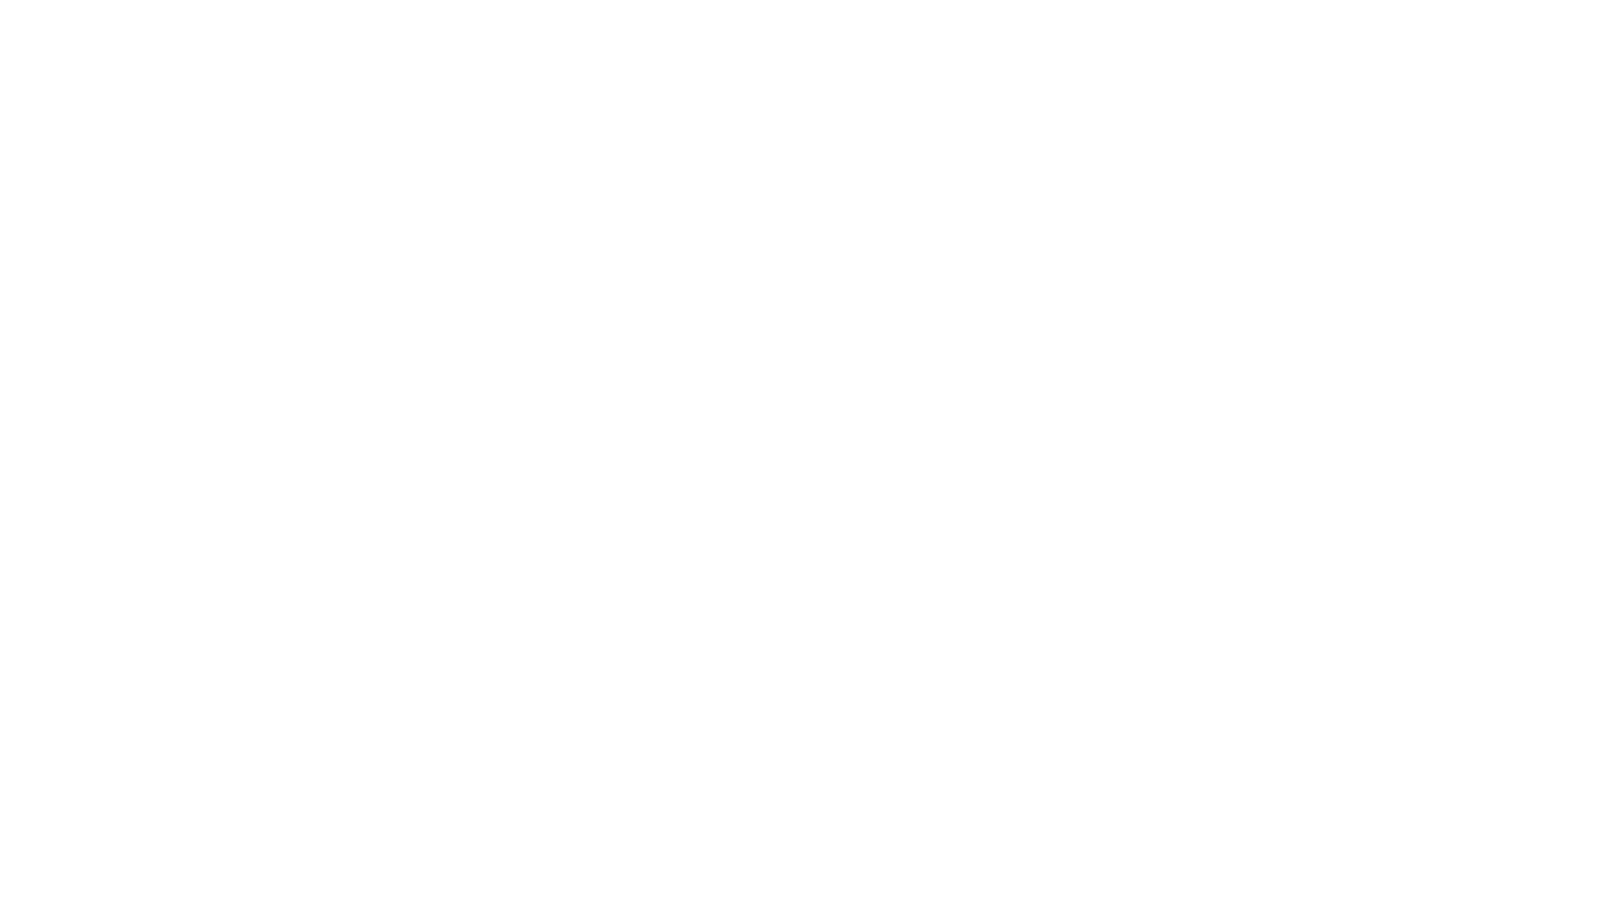 YURT - Sendikaları Üyelik İşlemleri 👇 http://www.yurtsendikalari.org/uyelik-islemleri/